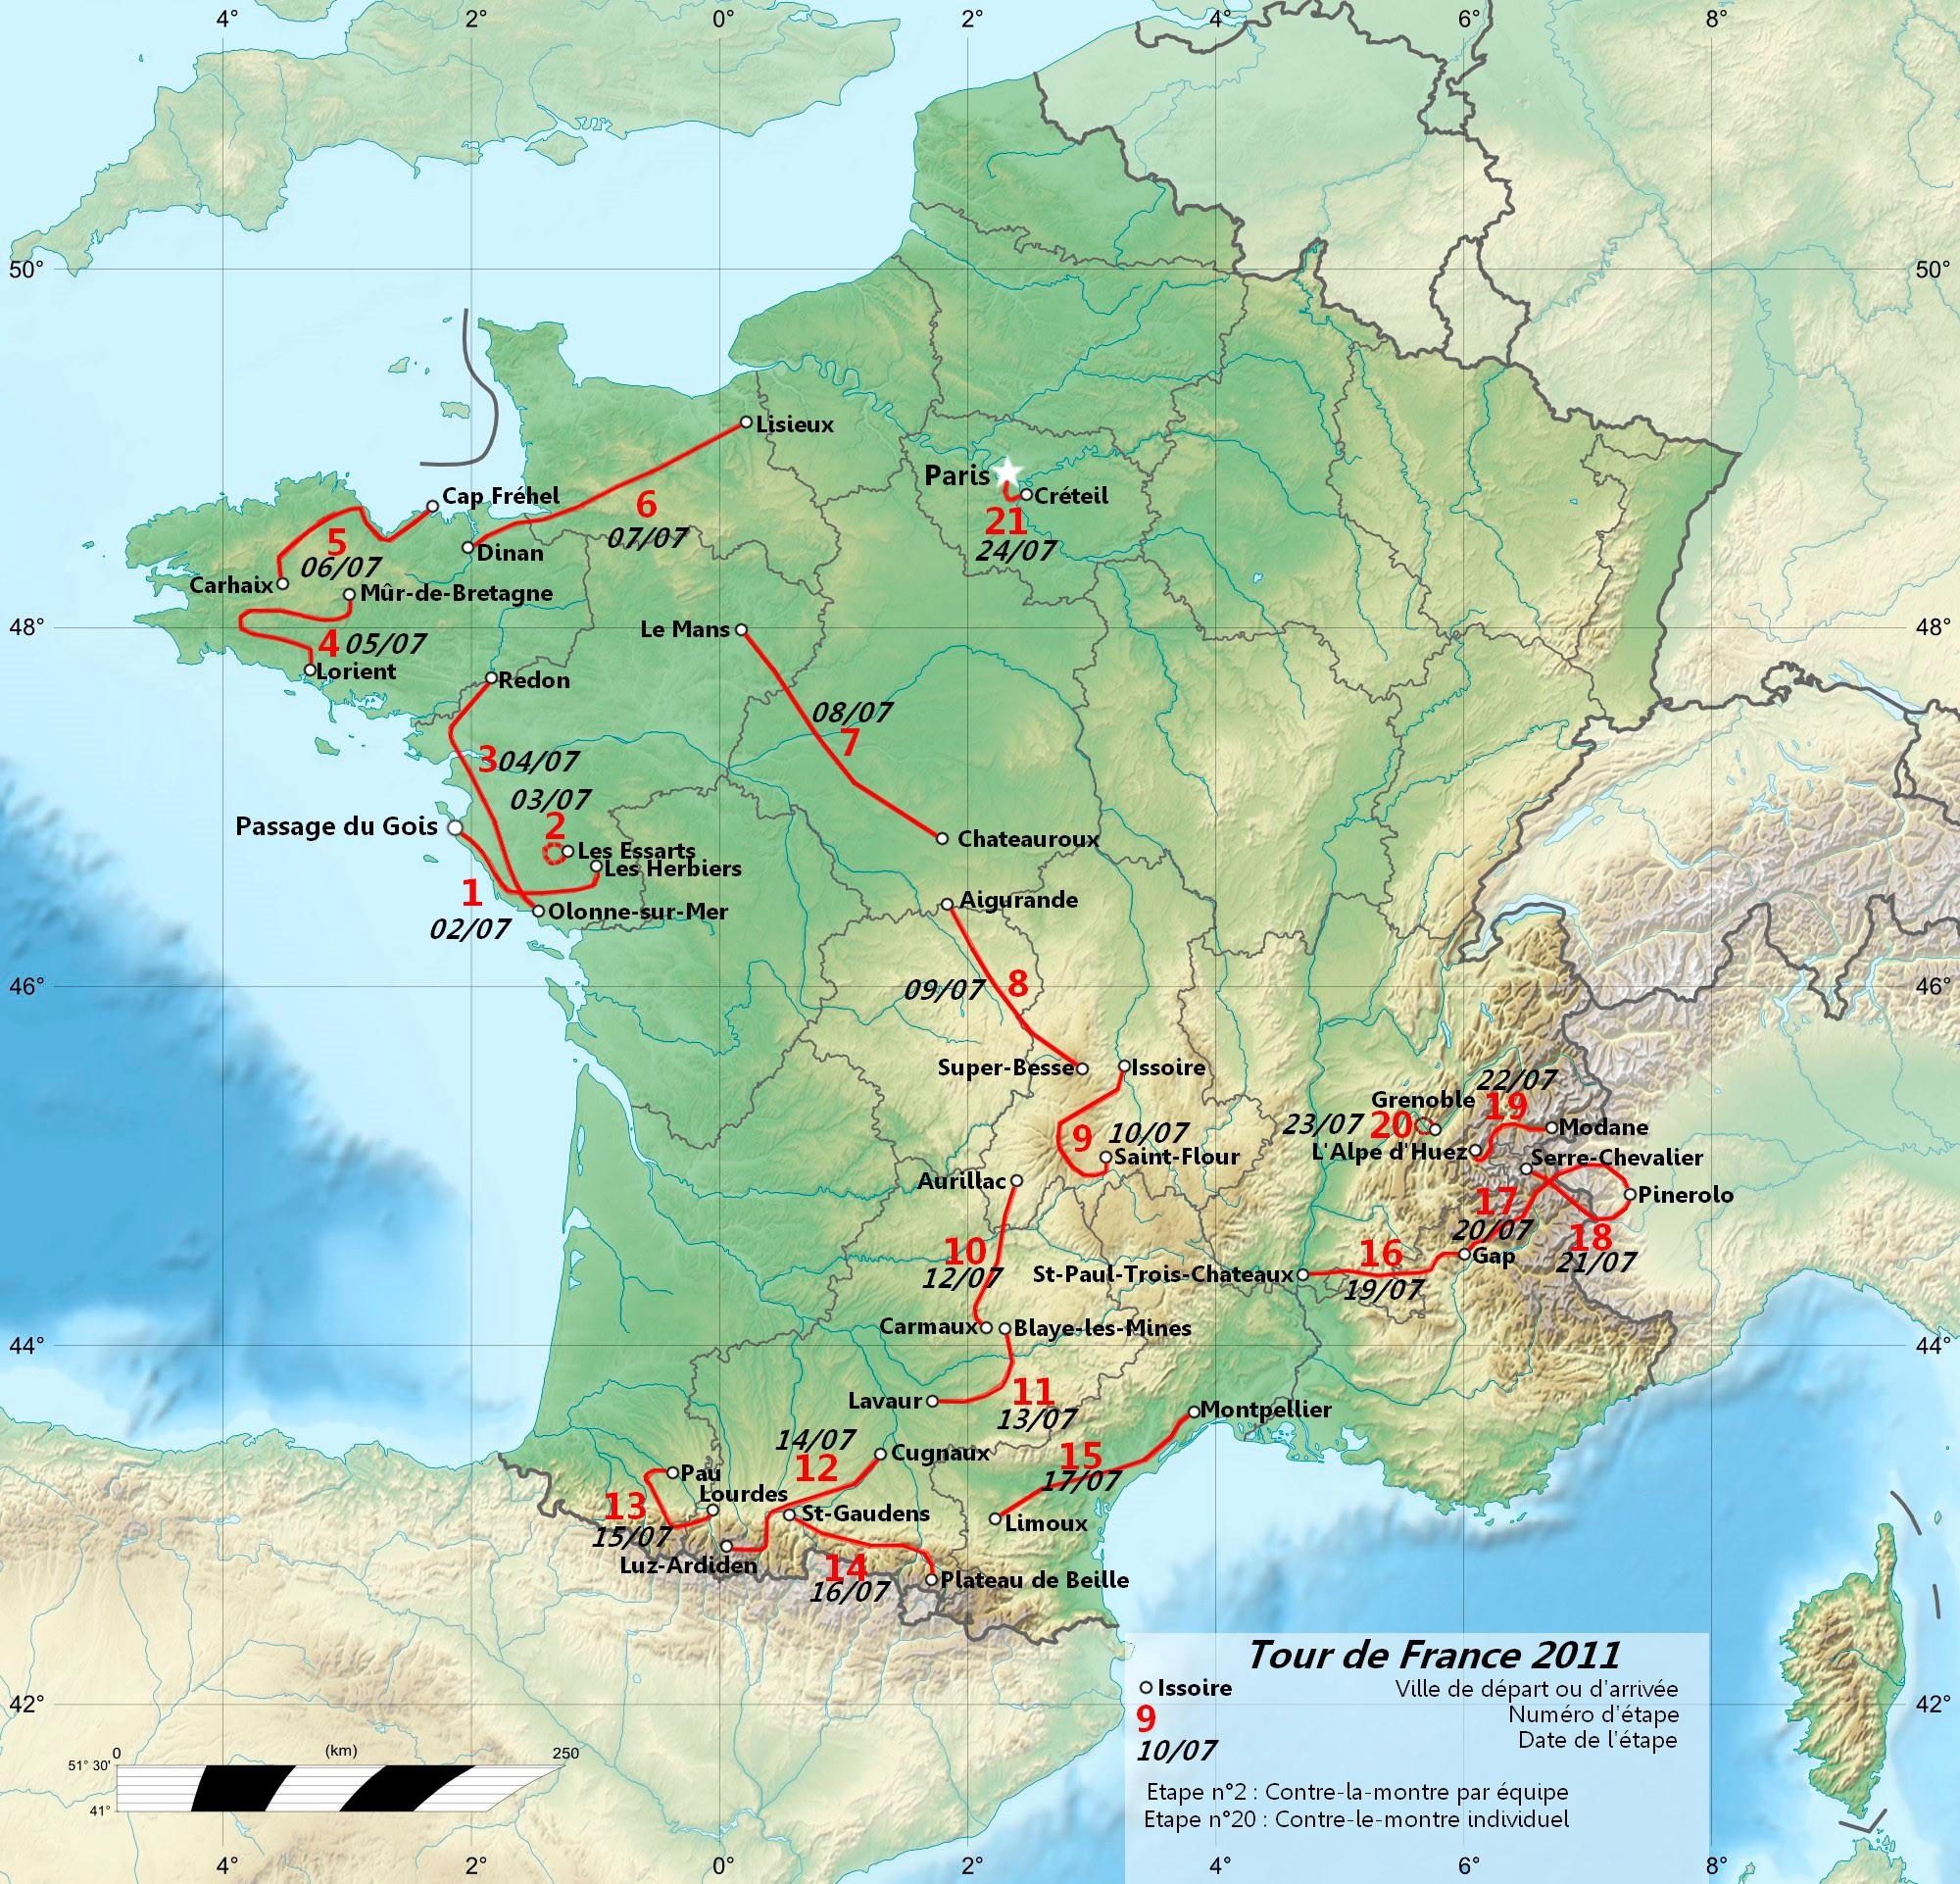 Fichier:parcours Tour De France 2011 — Wikimini, L concernant Carte De France Pour Enfant